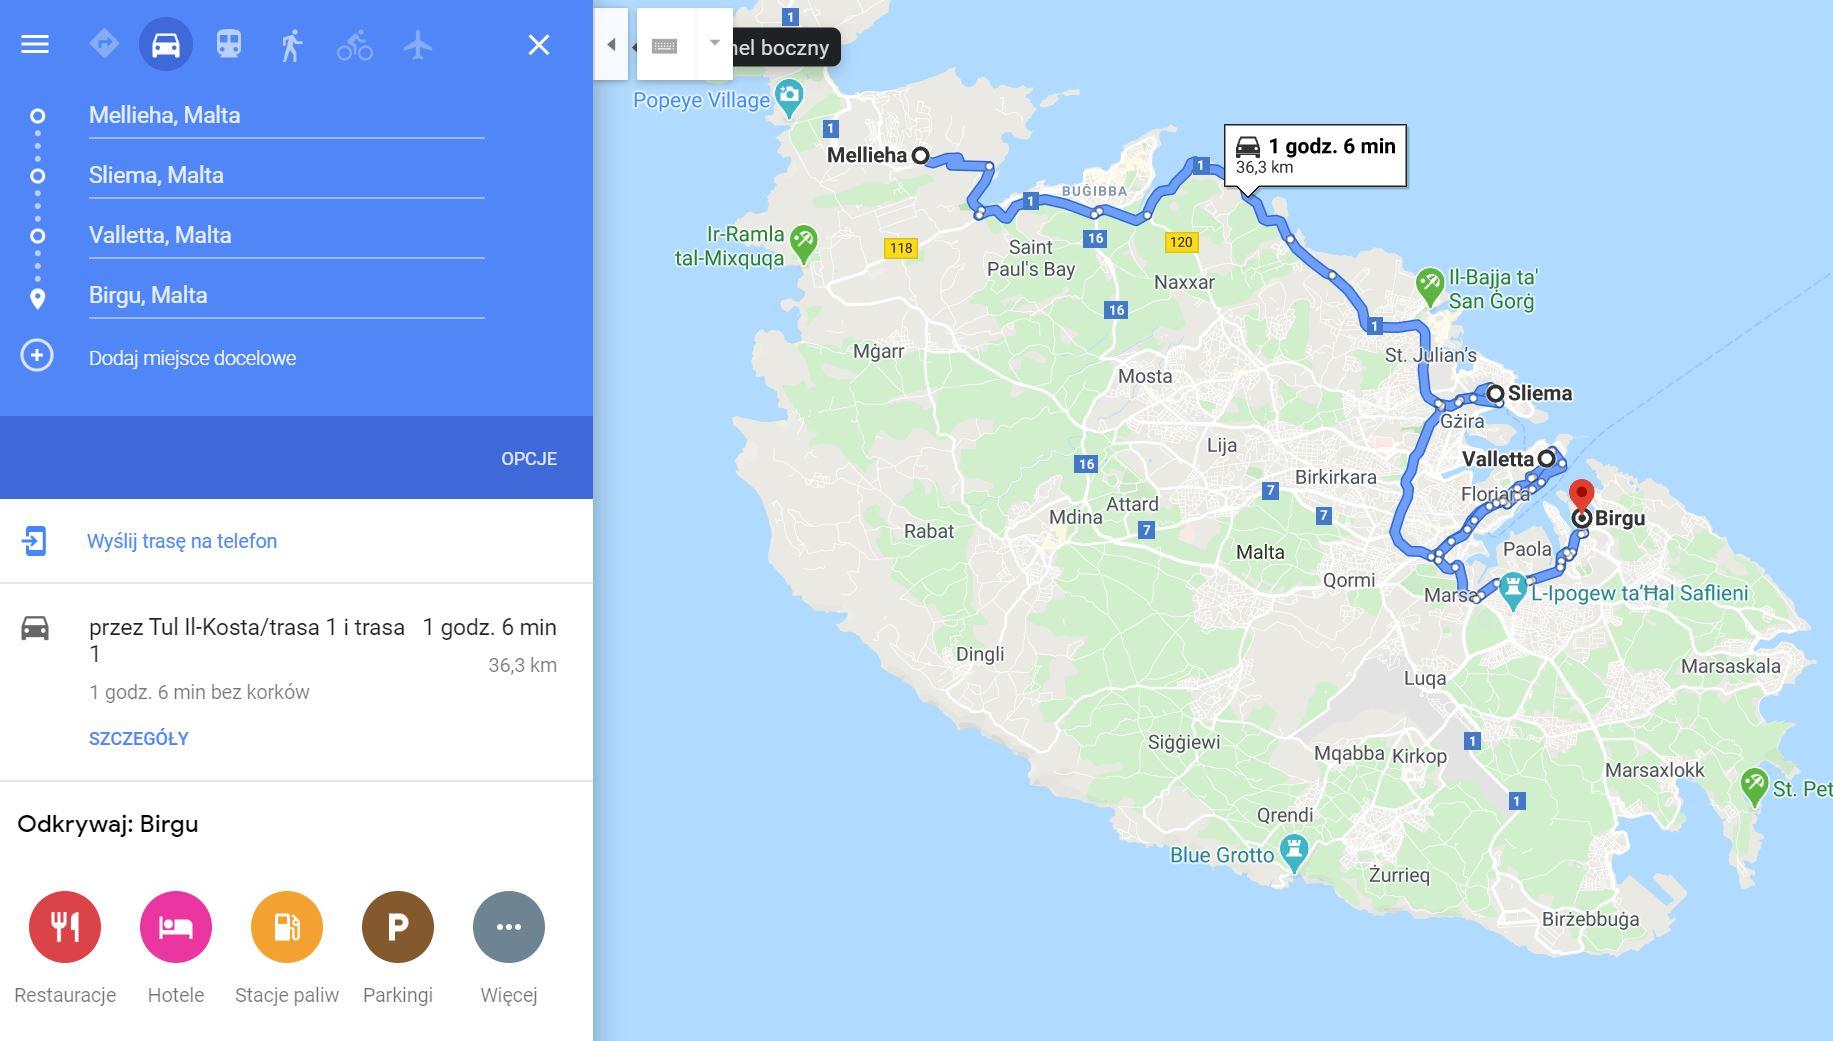 Malta, route 3